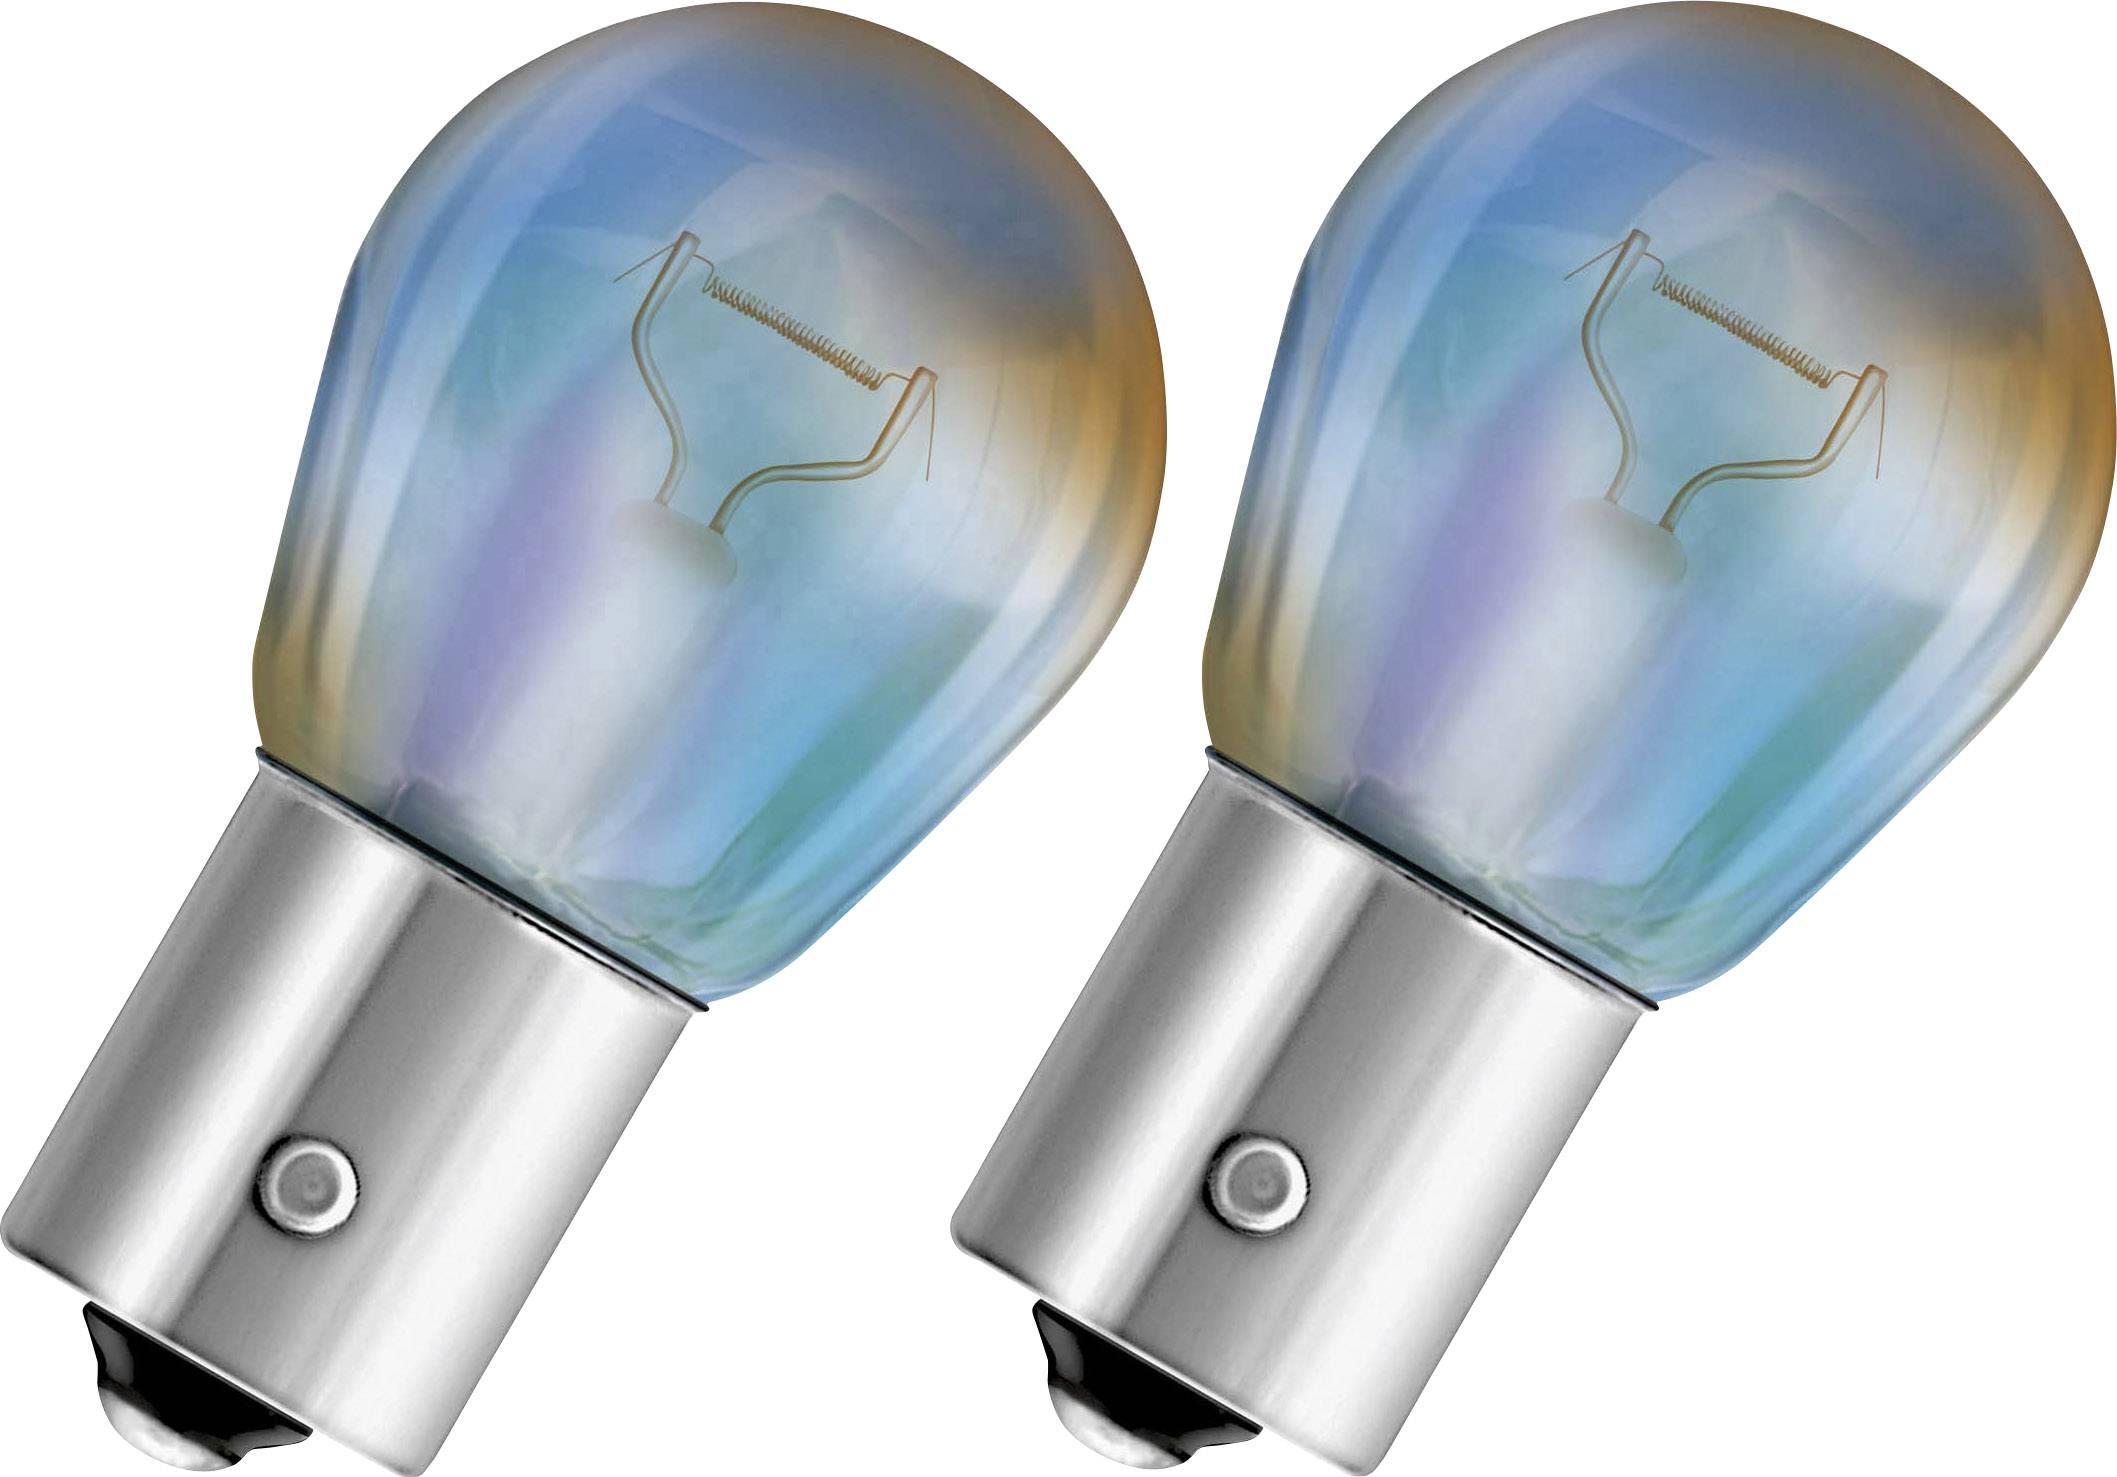 Signálne svetlo OSRAM Osram Diadem knipperlicht 7507 LDA-02E, PY21W, 21 W, 1 pár